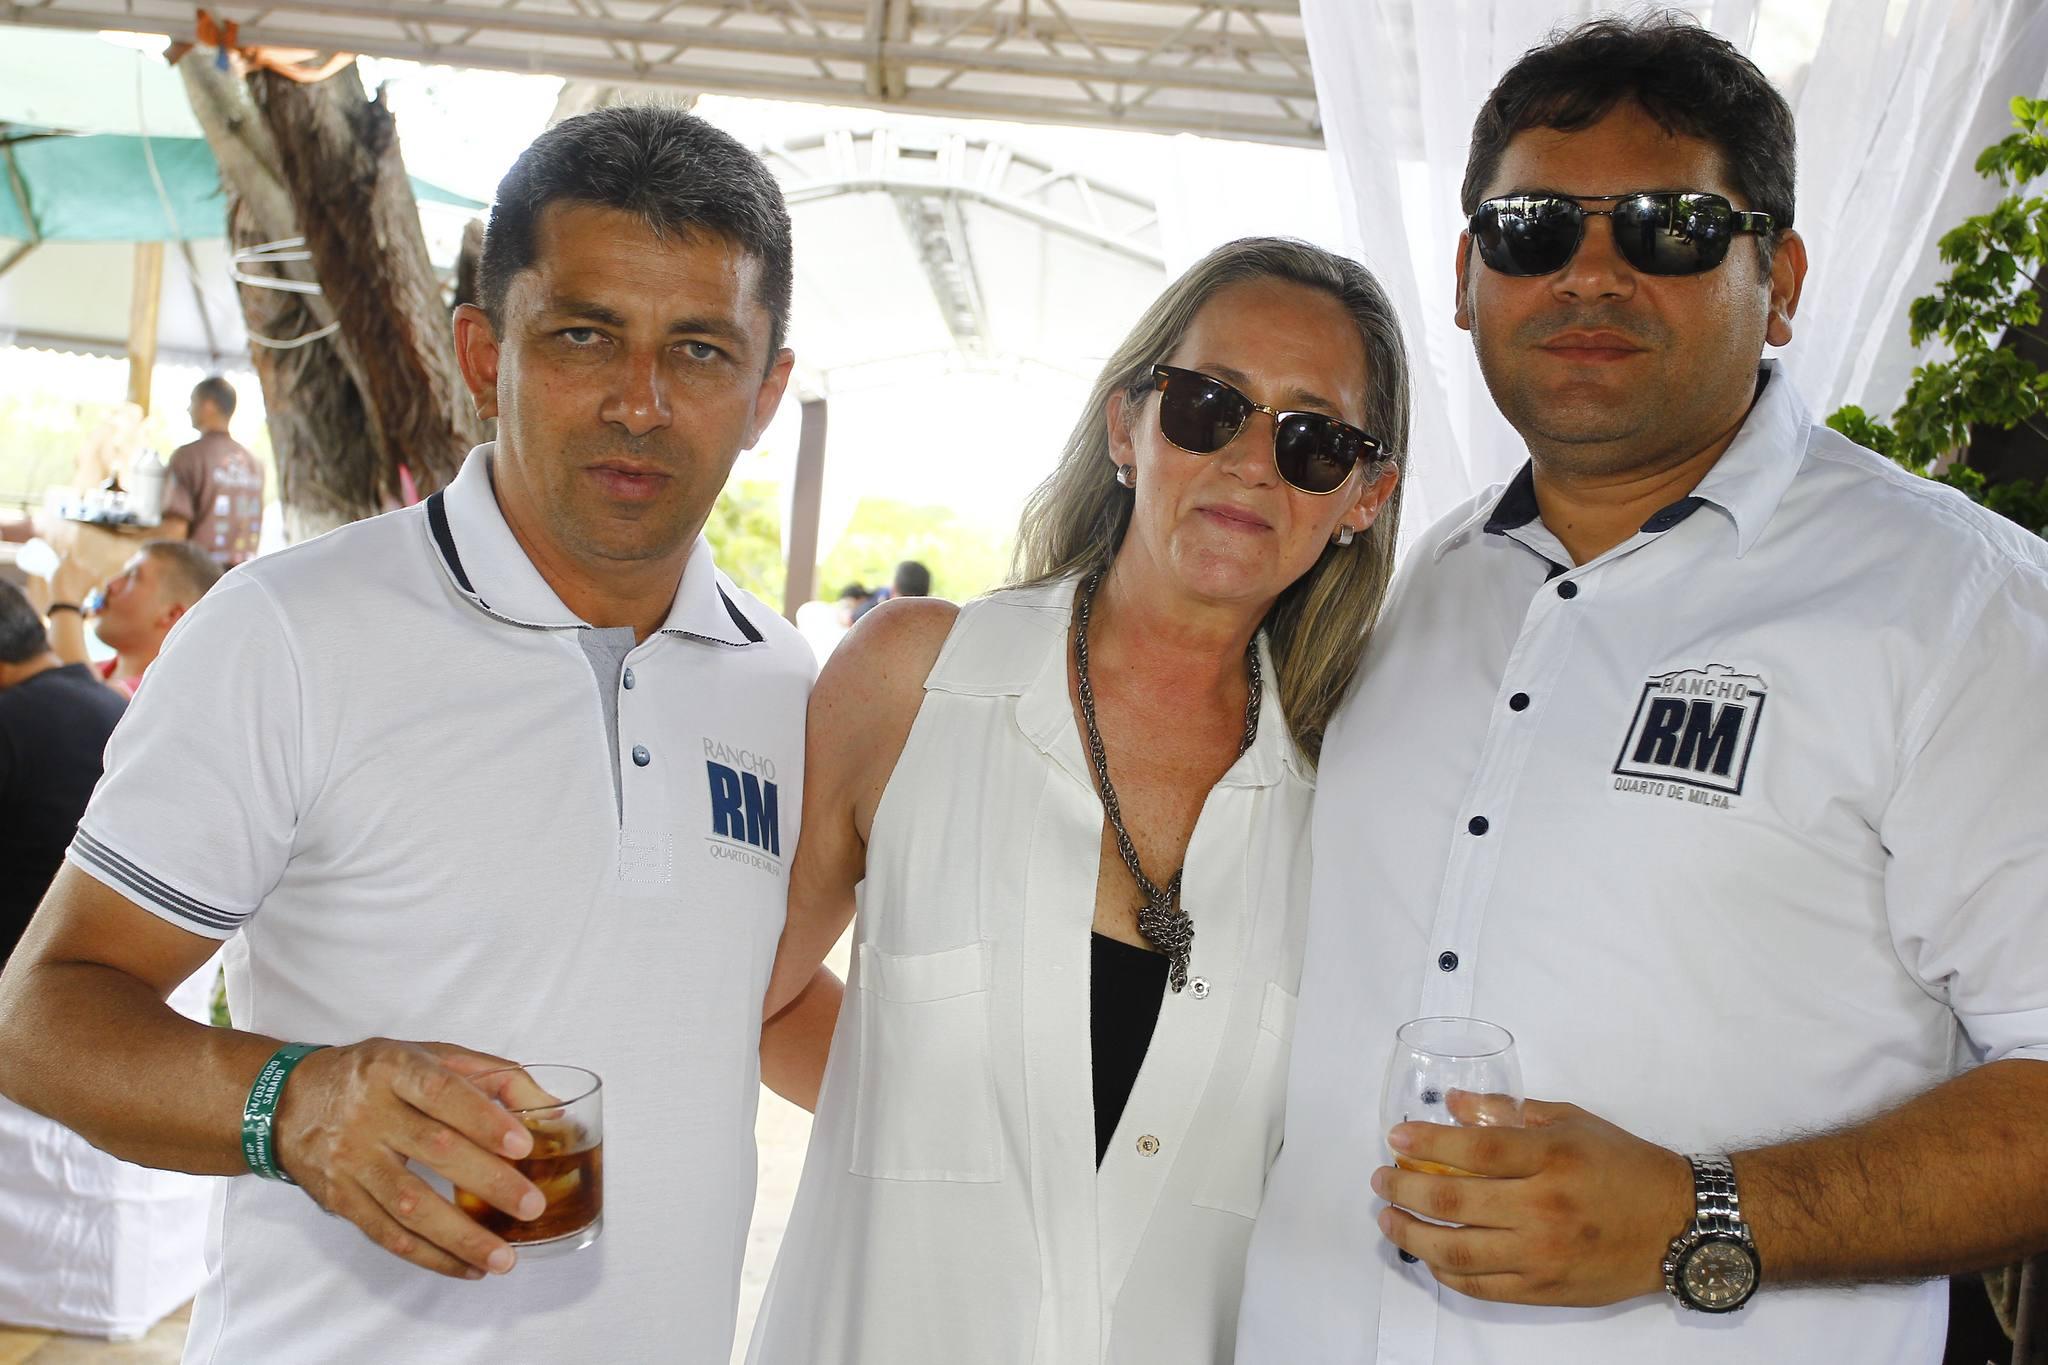 Francisco Junior, Tuca Baggio E Edil Mazile